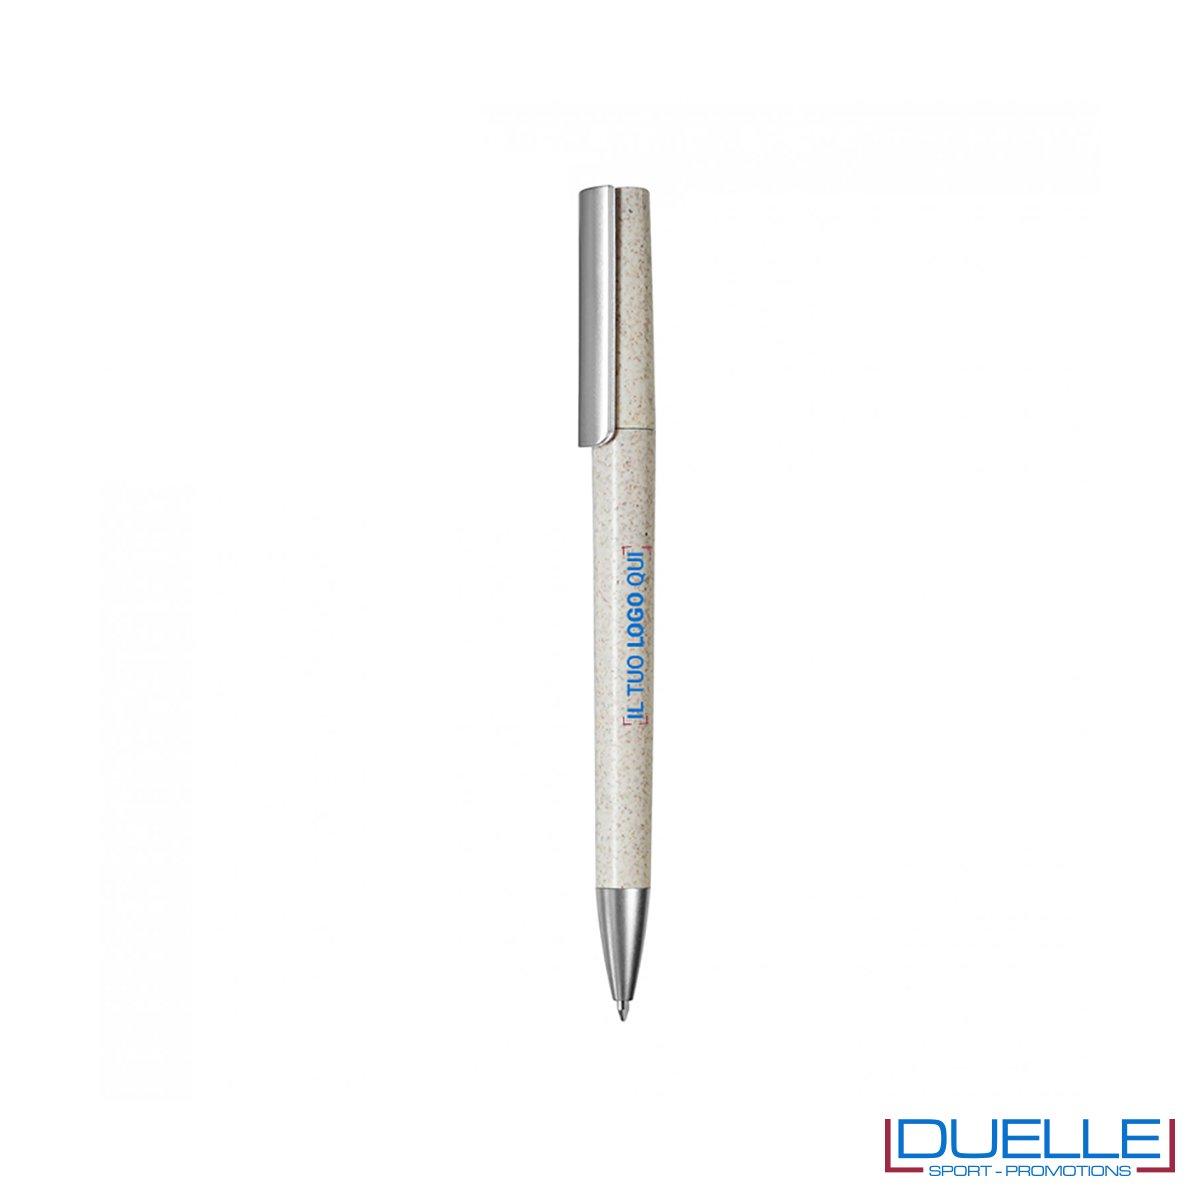 Penna ecologica in fibra di grano colore naturale personalizzata con stampa a colori